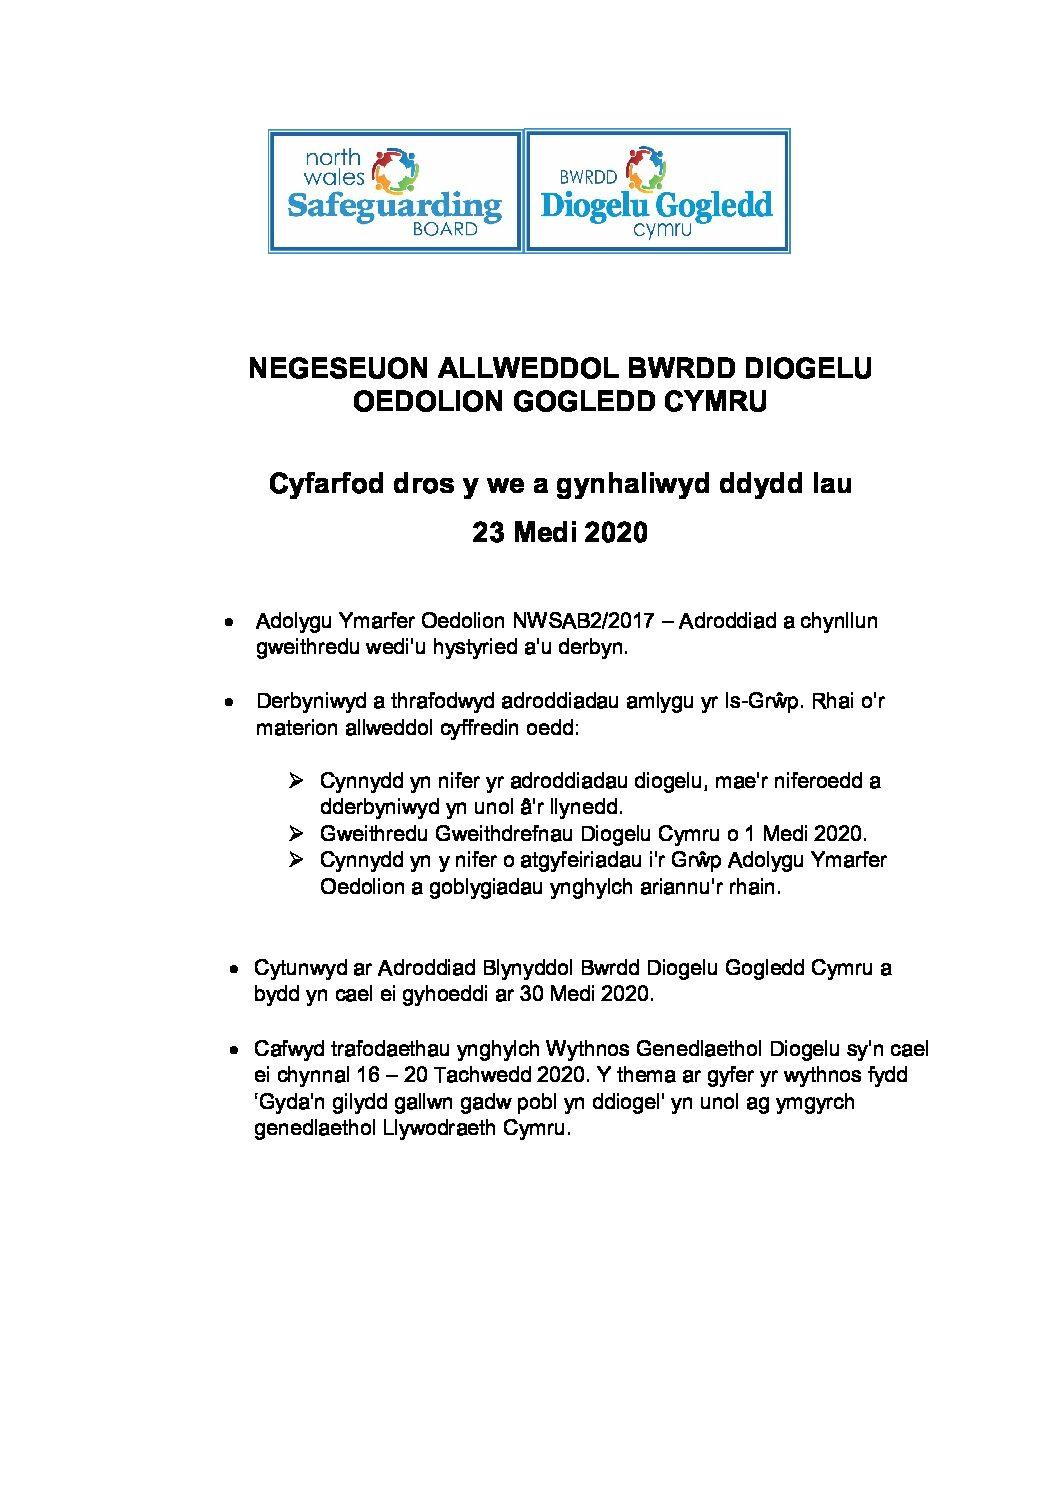 BDOGC  Negeseuon Allweddol Medi 2020